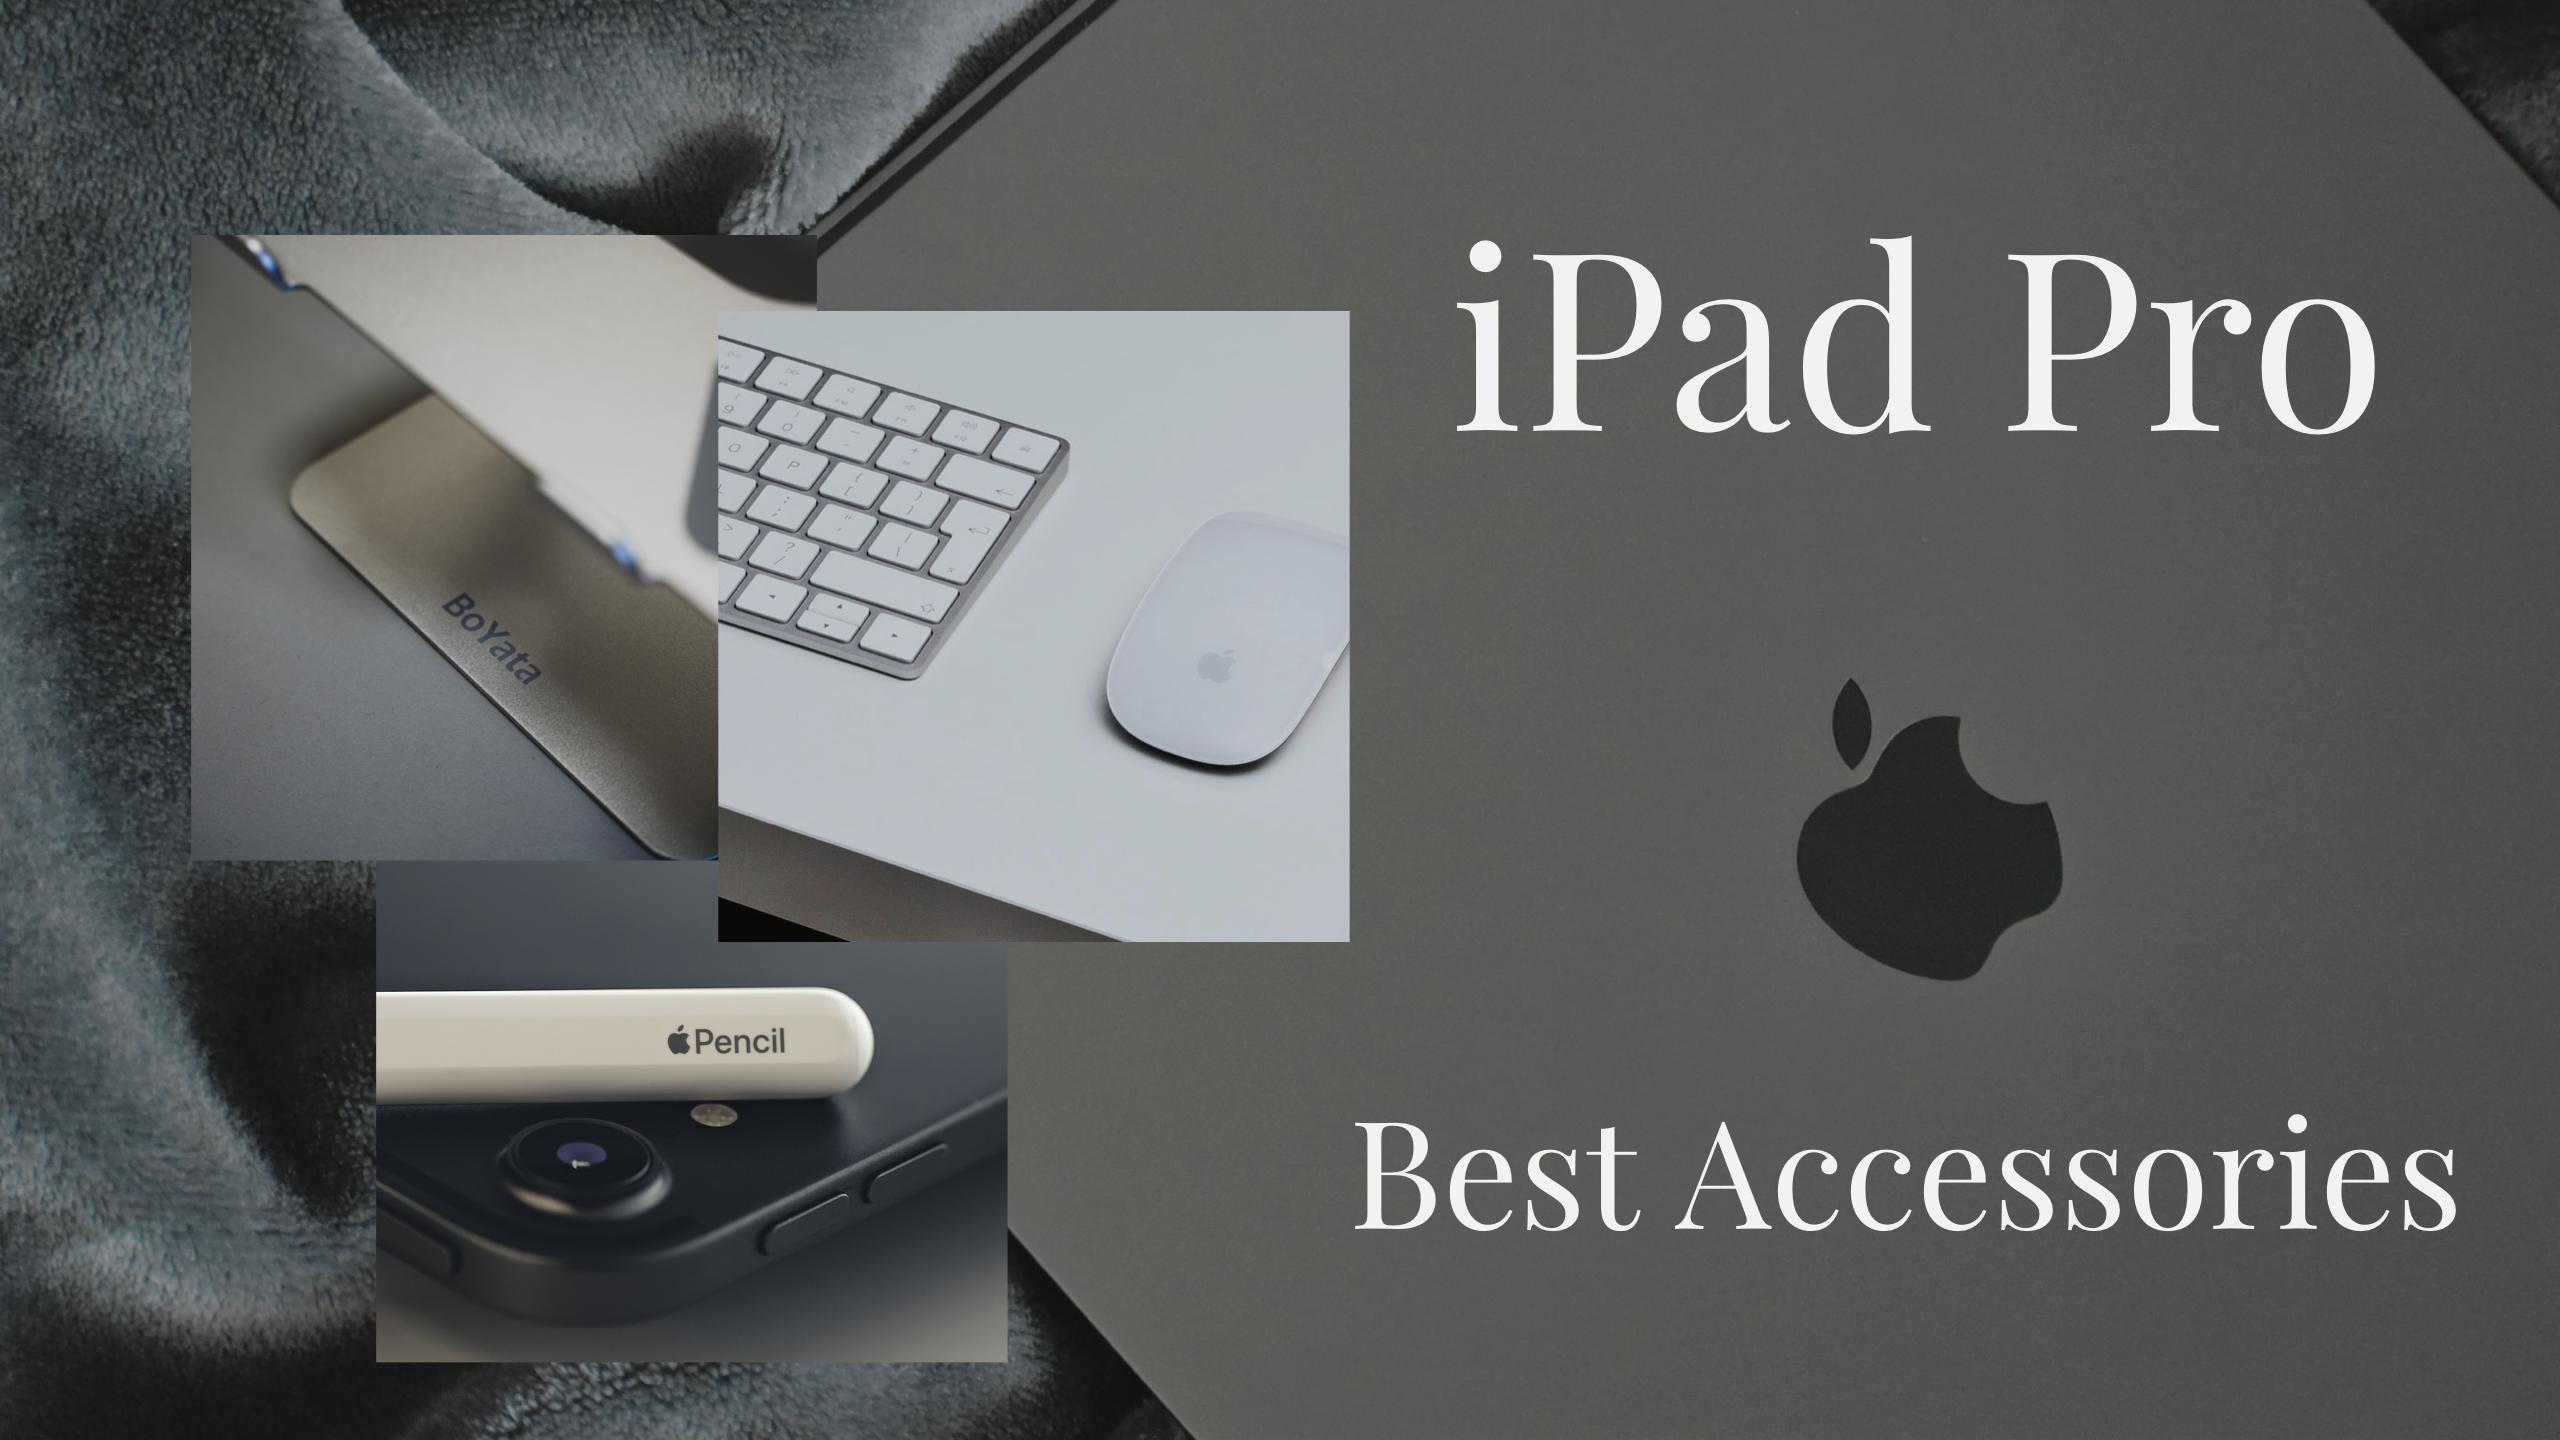 【2020年】iPad Proのおすすめアクセサリー・周辺機器まとめ!必須&あると便利なアイテムをご紹介